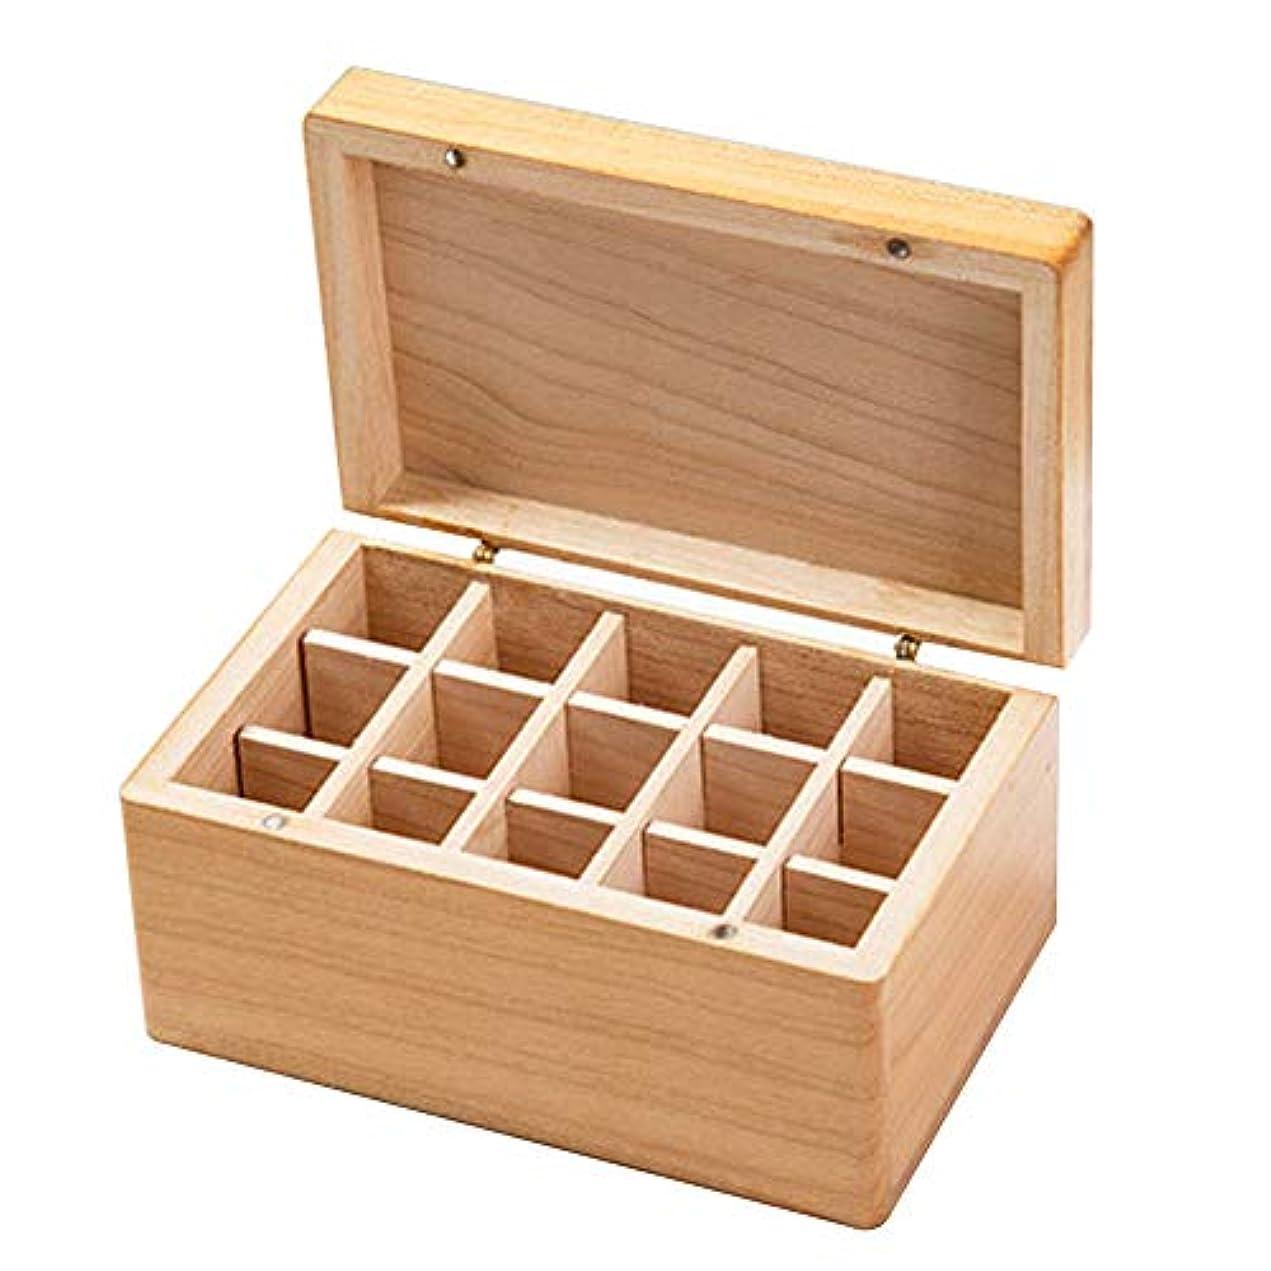 作成者乞食壊れた収納ボックス木製ジュエリーシンプルネックレスエッセンシャルオイルキャリングトラベルコンテナホームアロマセラピーイヤリングケース15グリッド